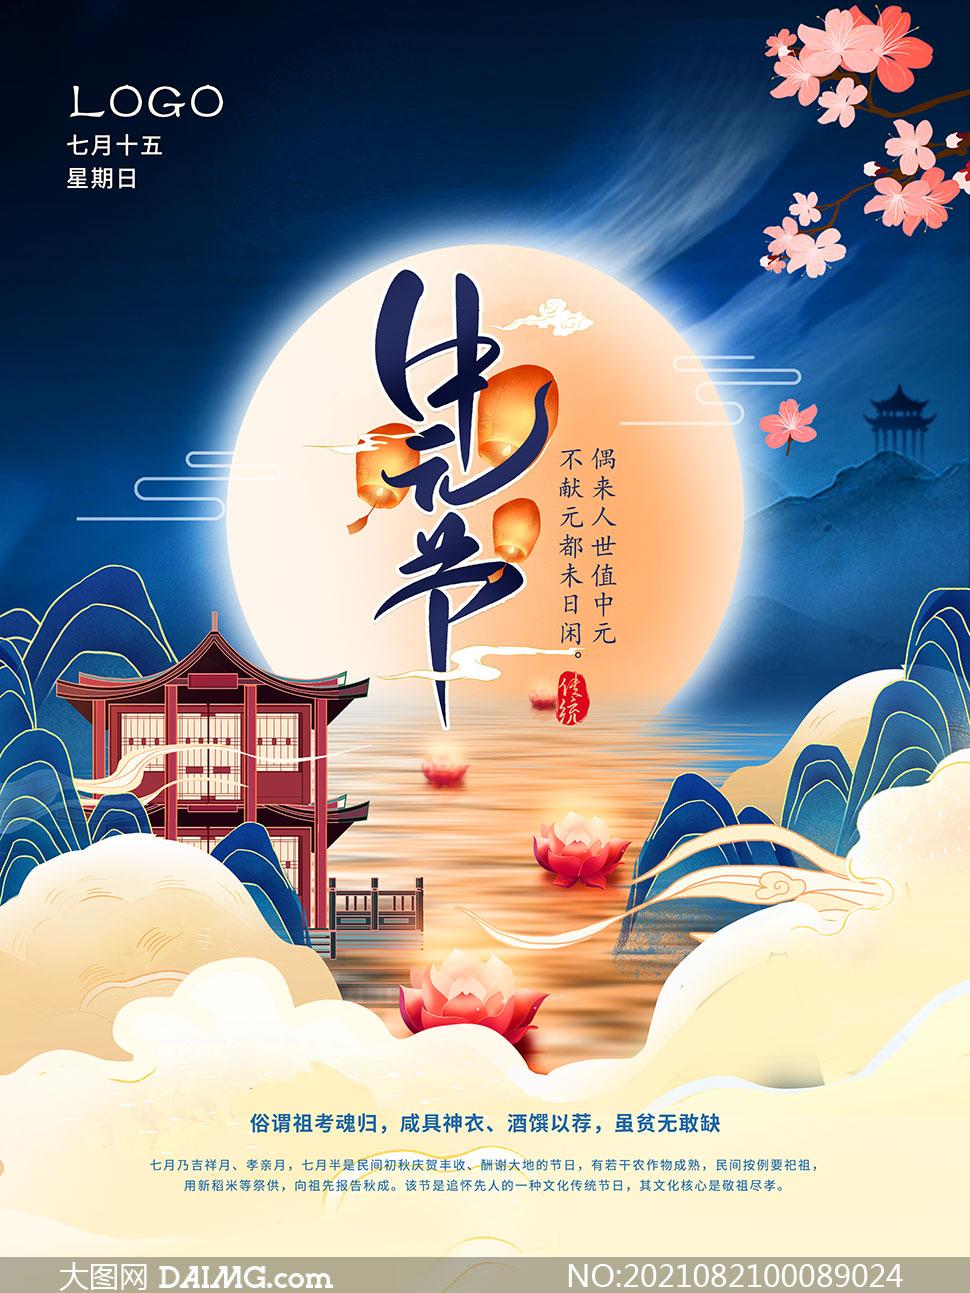 中國傳統中元節宣傳海報設計PSD素材